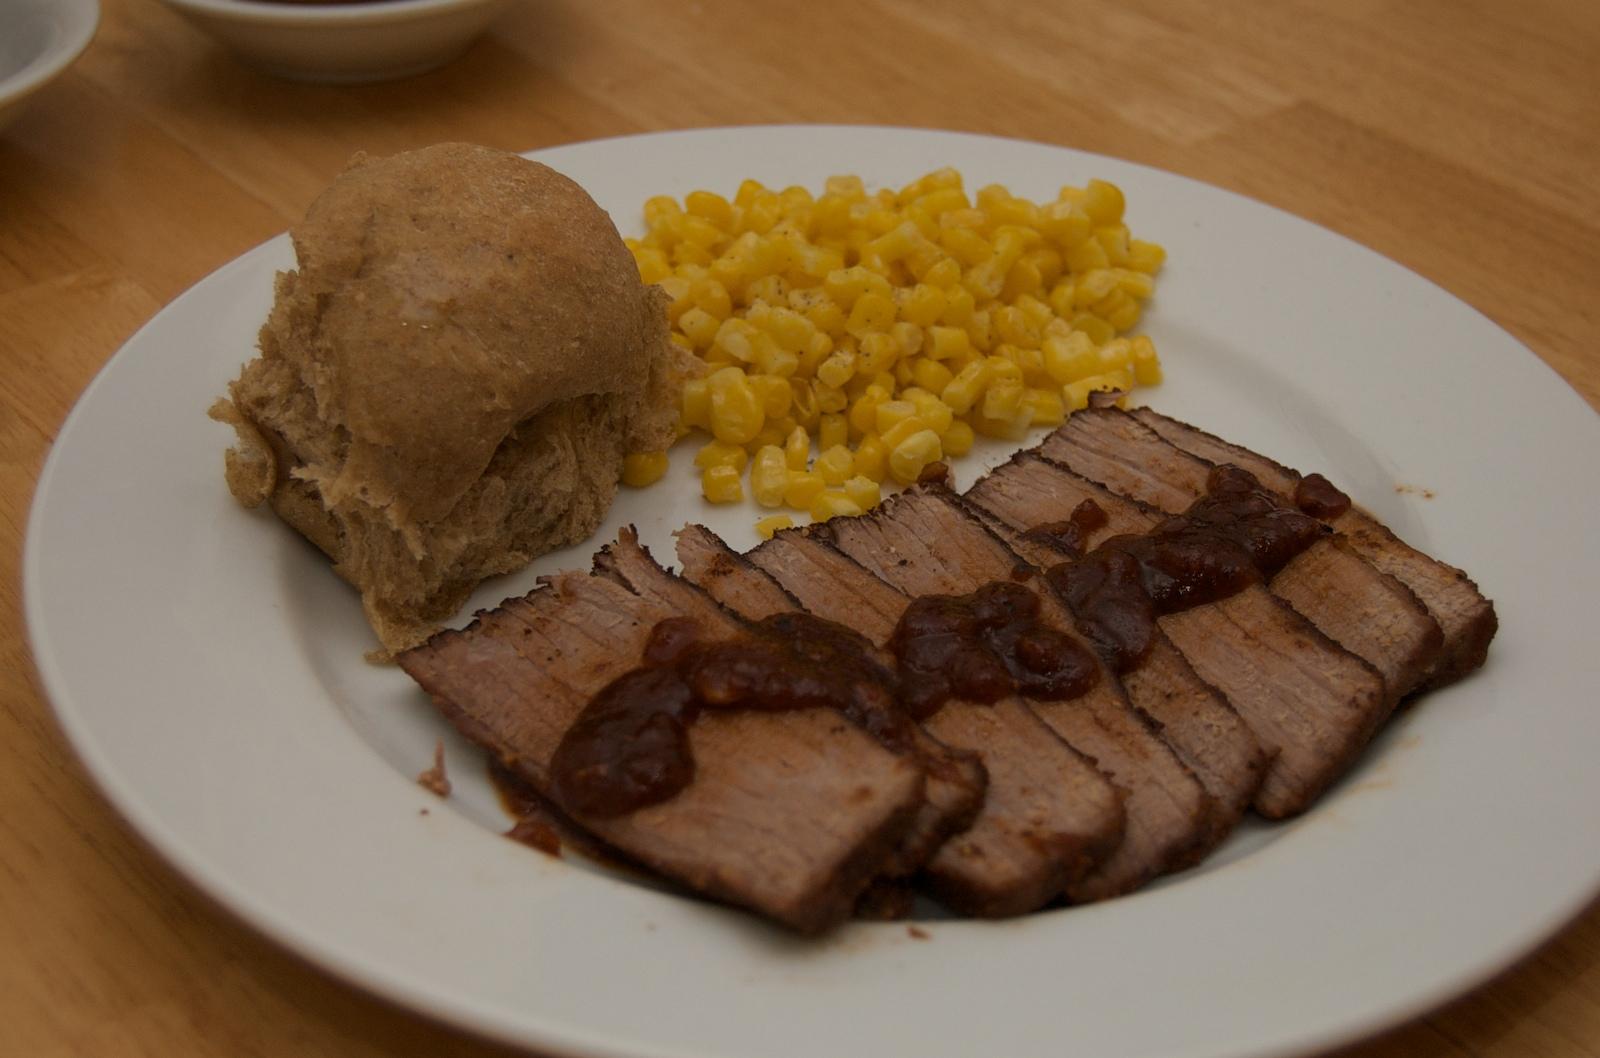 http://blog.rickk.com/food/2009/12/29/bbq6.jpg